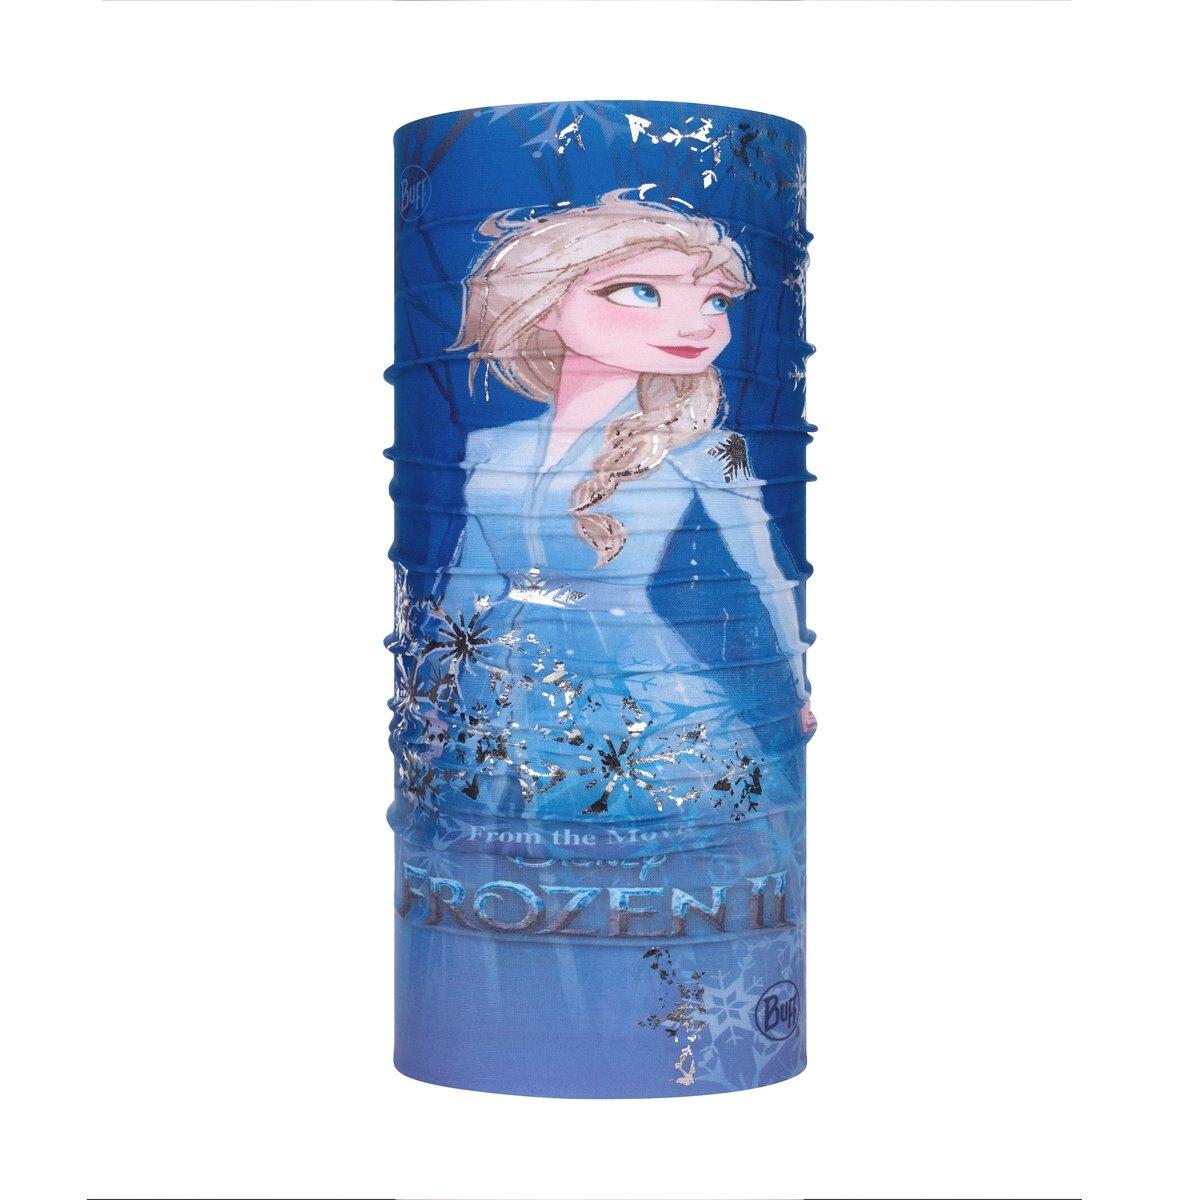 【【蘋果戶外】】BUFF BF121660 西班牙 魔術頭巾 NEW 兒童 經典頭巾 PLUS 冰雪奇緣 銀雪愛紗 四向彈性 小頭圍